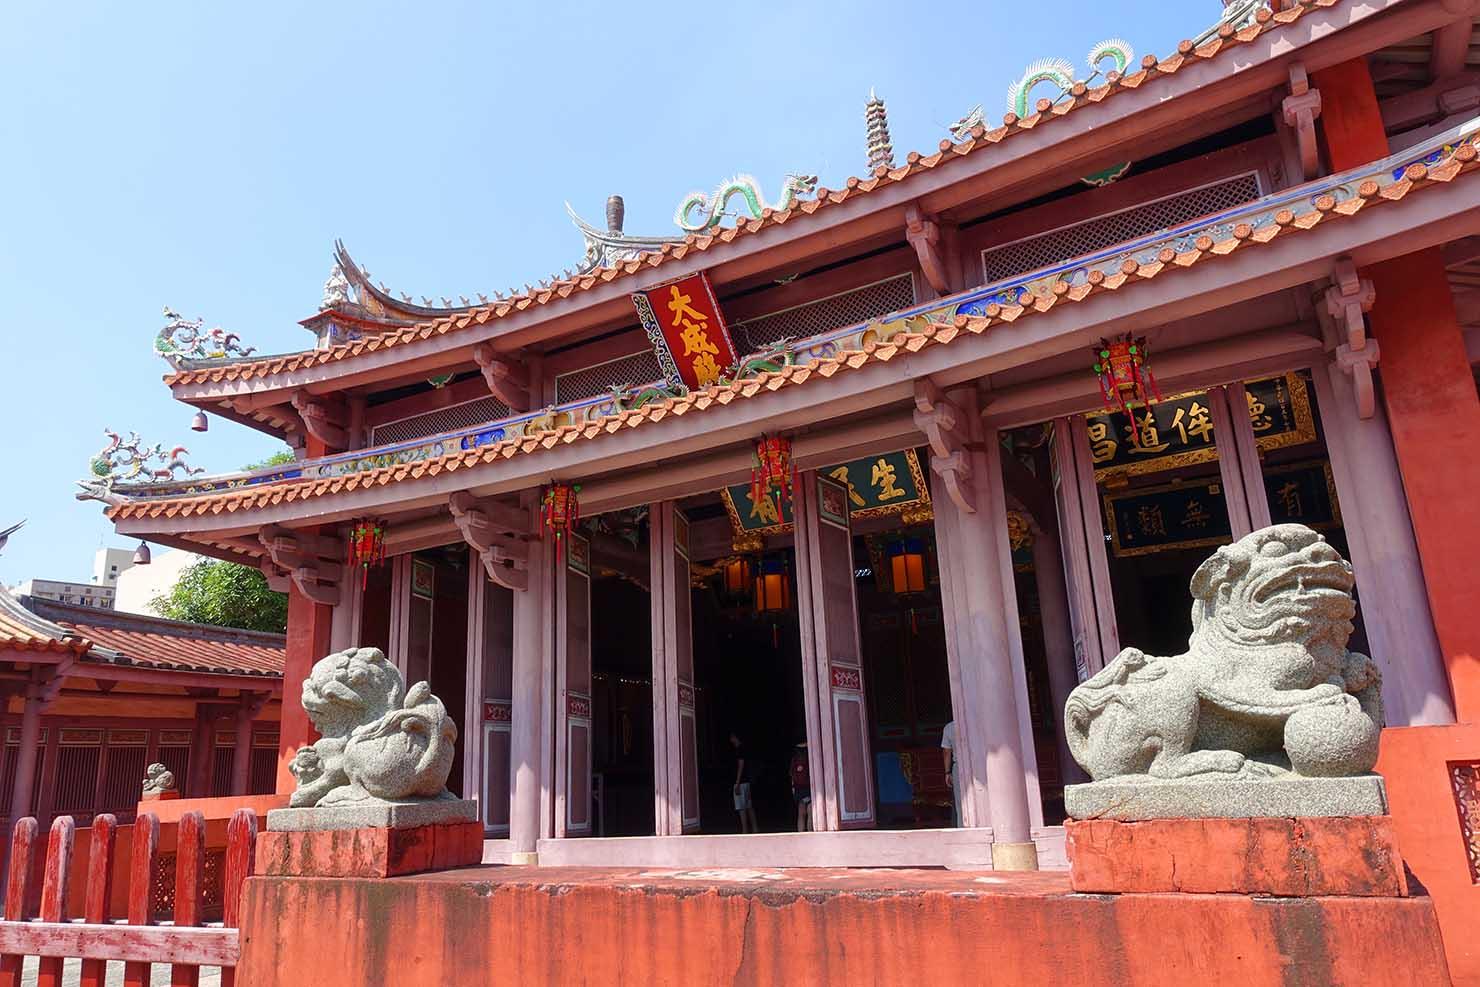 台湾の古都・台南のおすすめ観光スポット「孔廟」の本堂